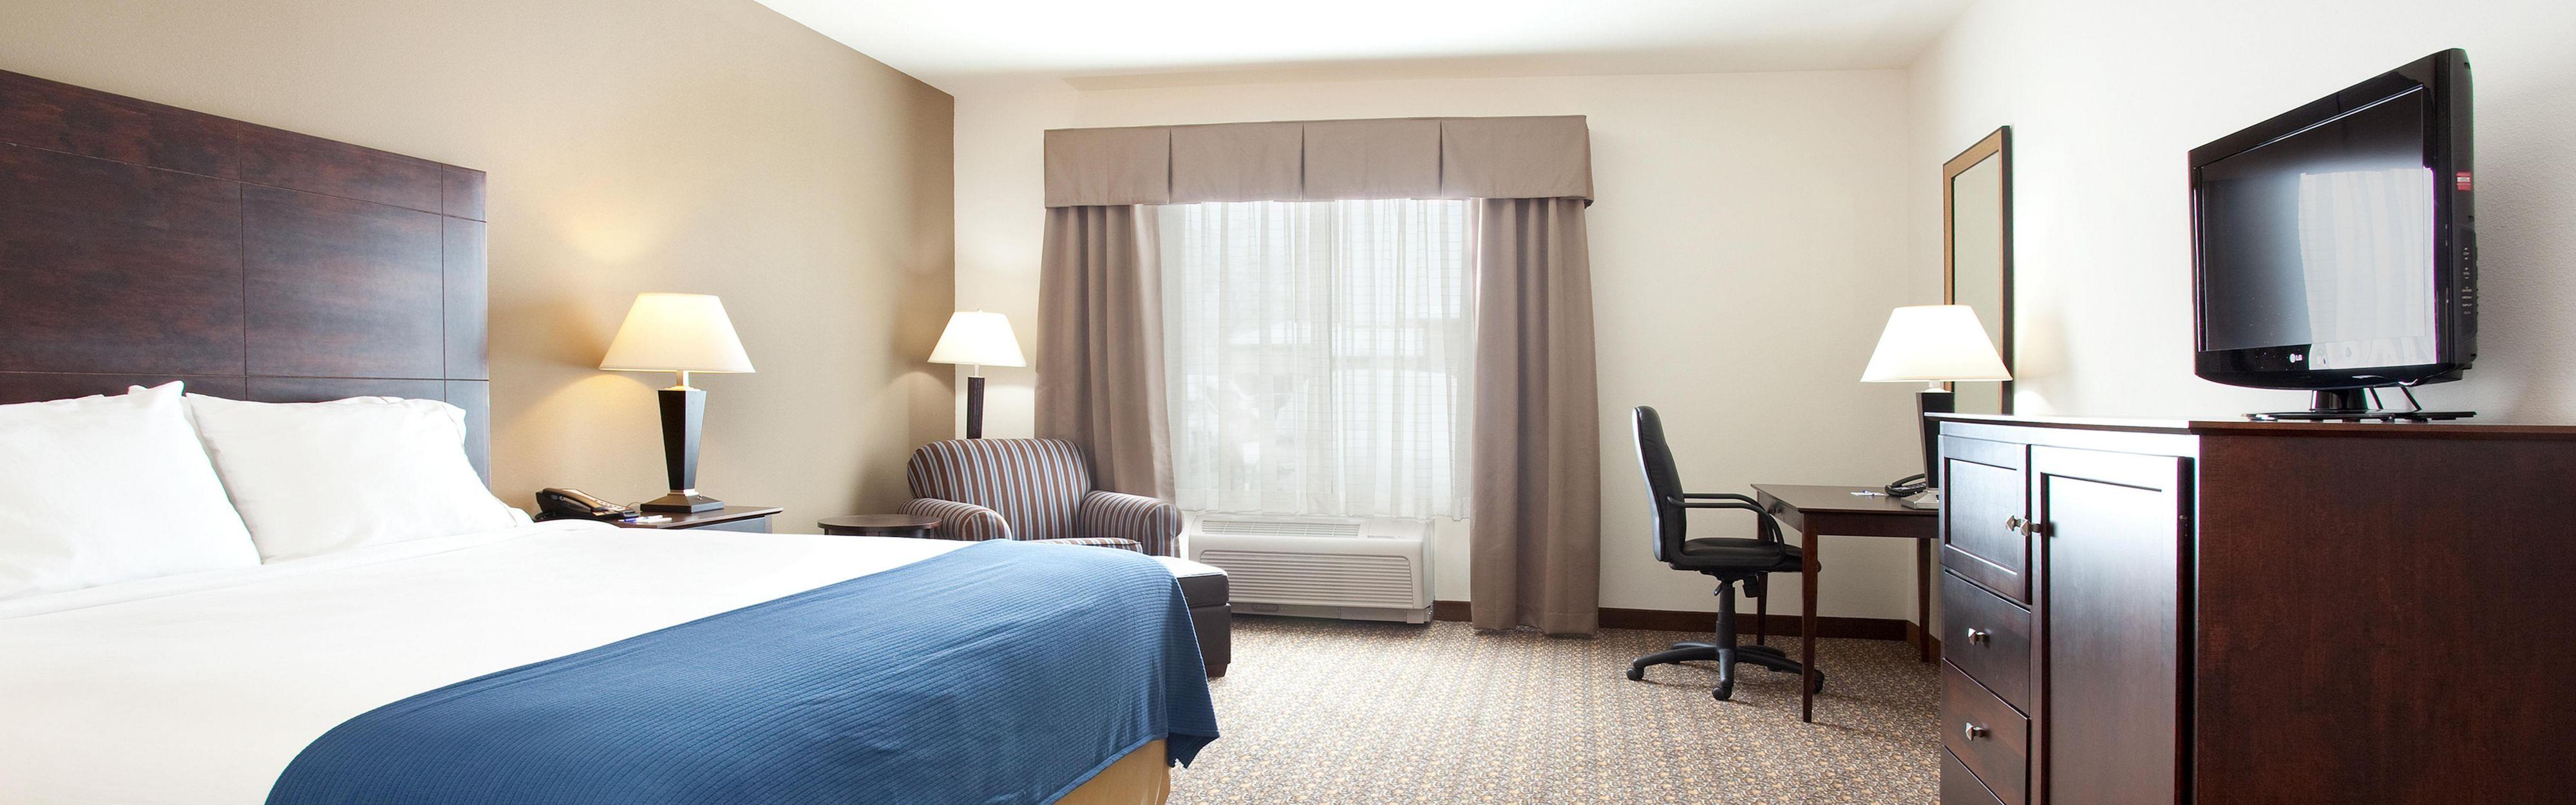 Holiday Inn Express & Suites Lander image 1